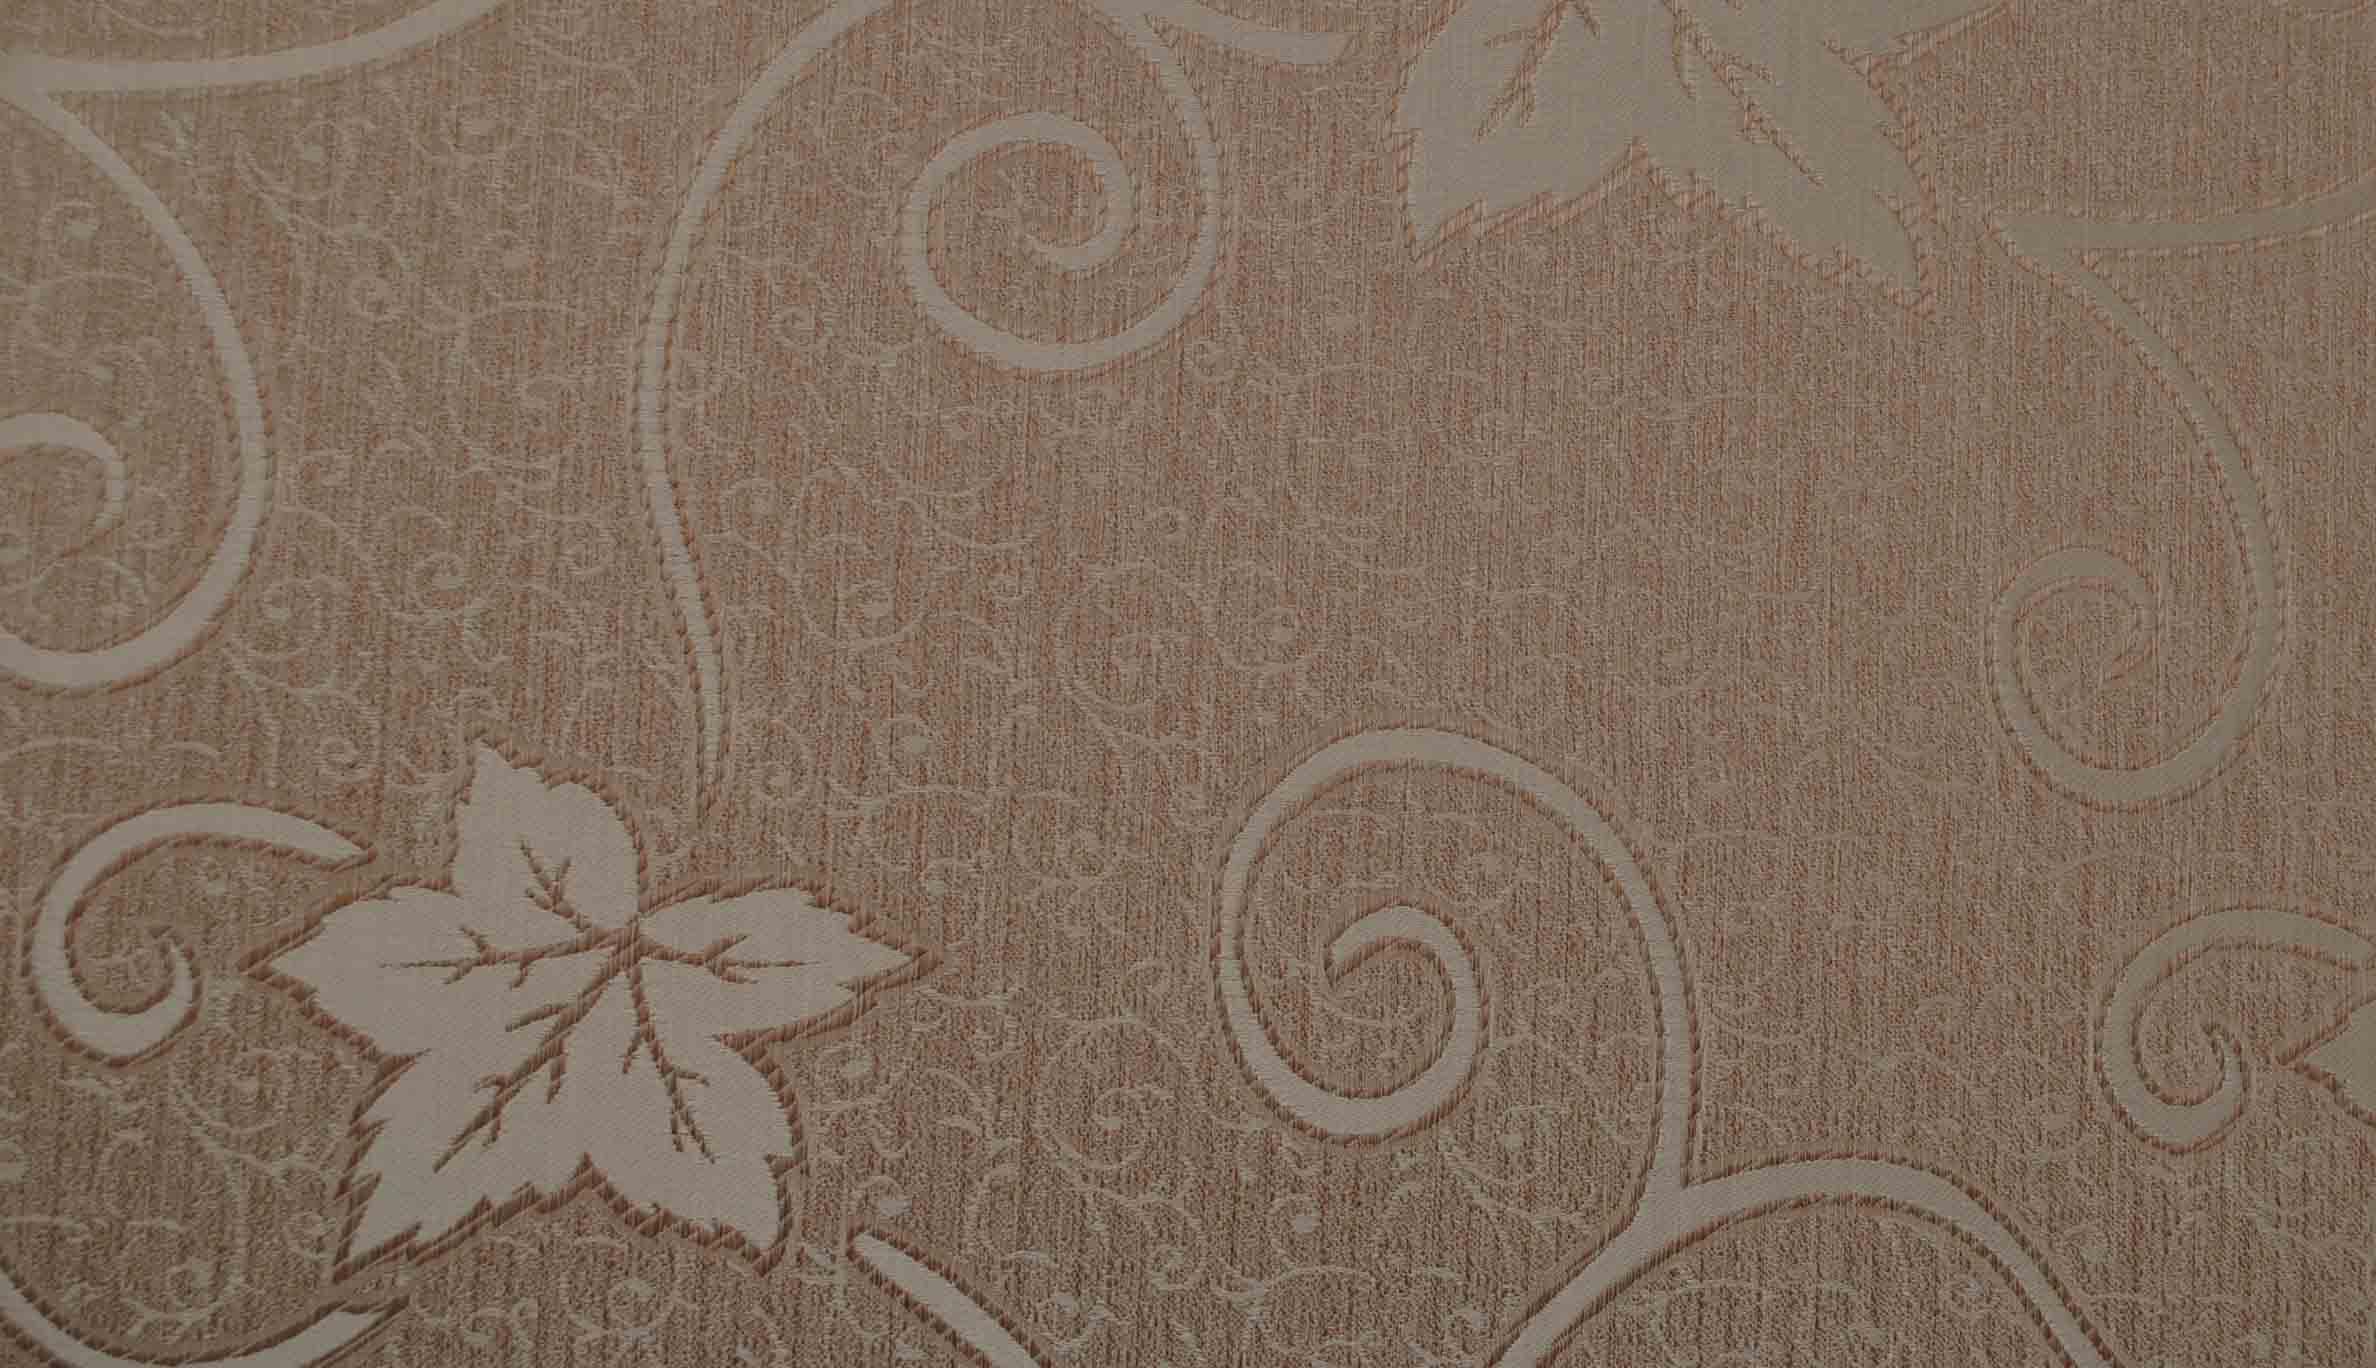 十大品牌墙布介绍 十大品牌墙布排名